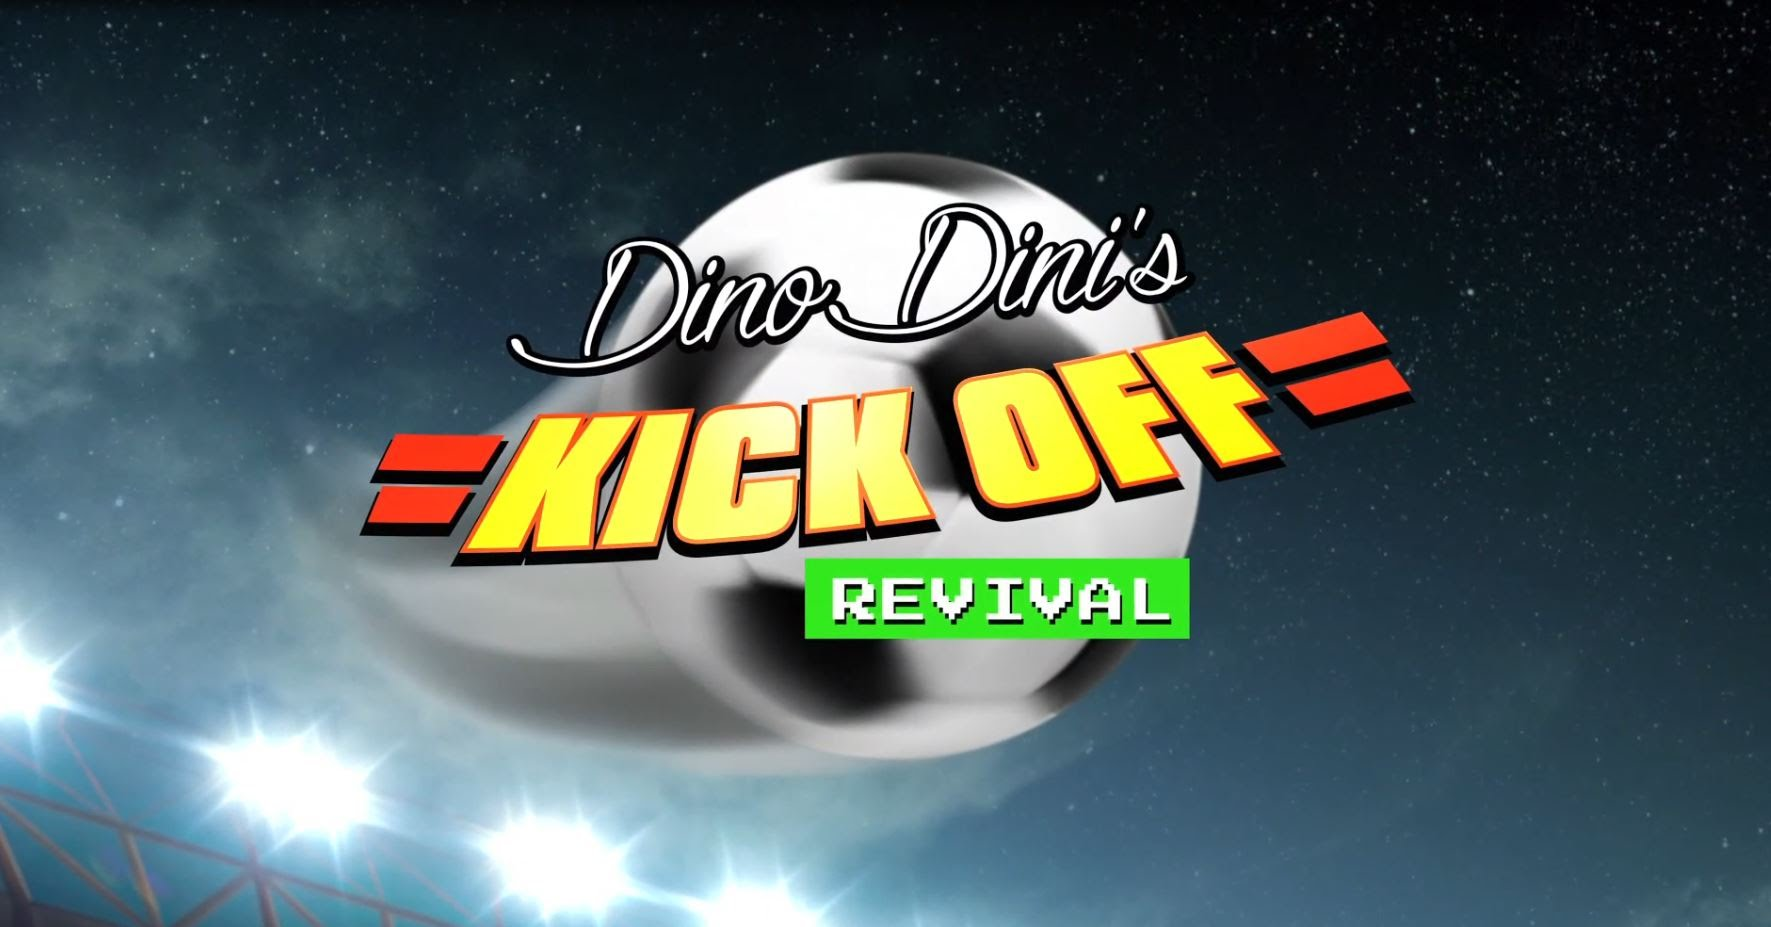 Kick Off Revival